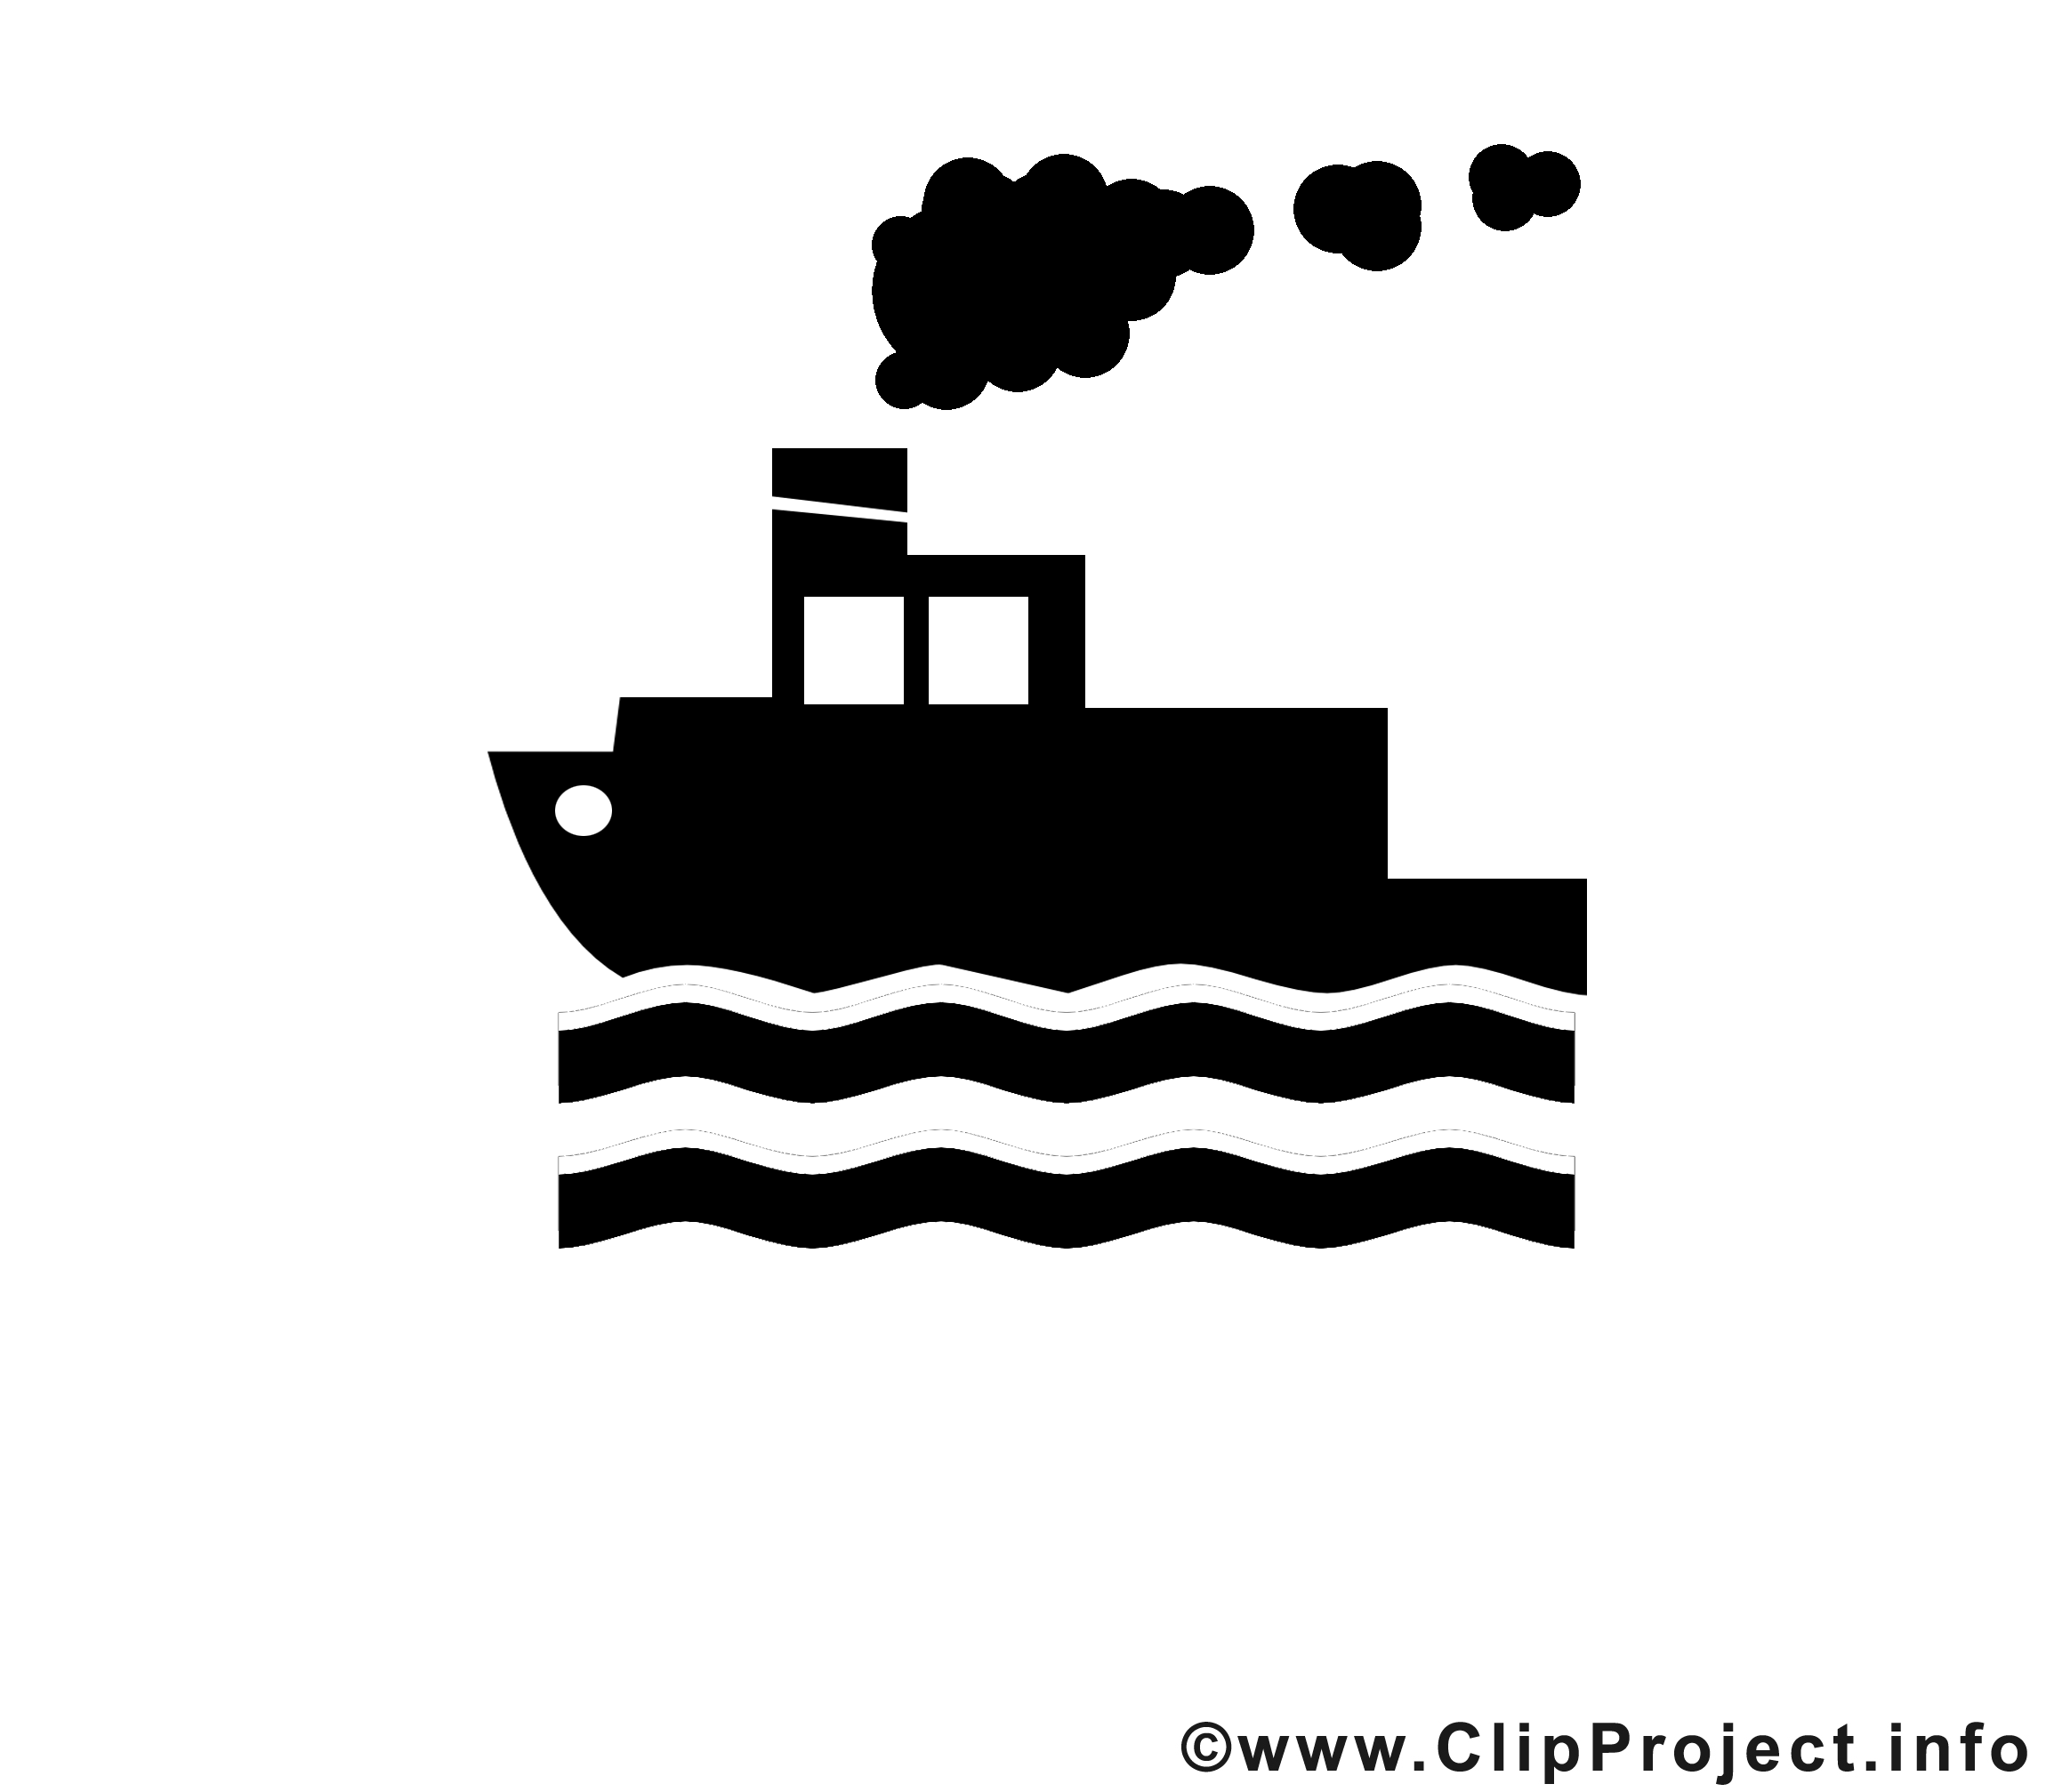 Vapeur image gratuite - Noir et blanc illustration